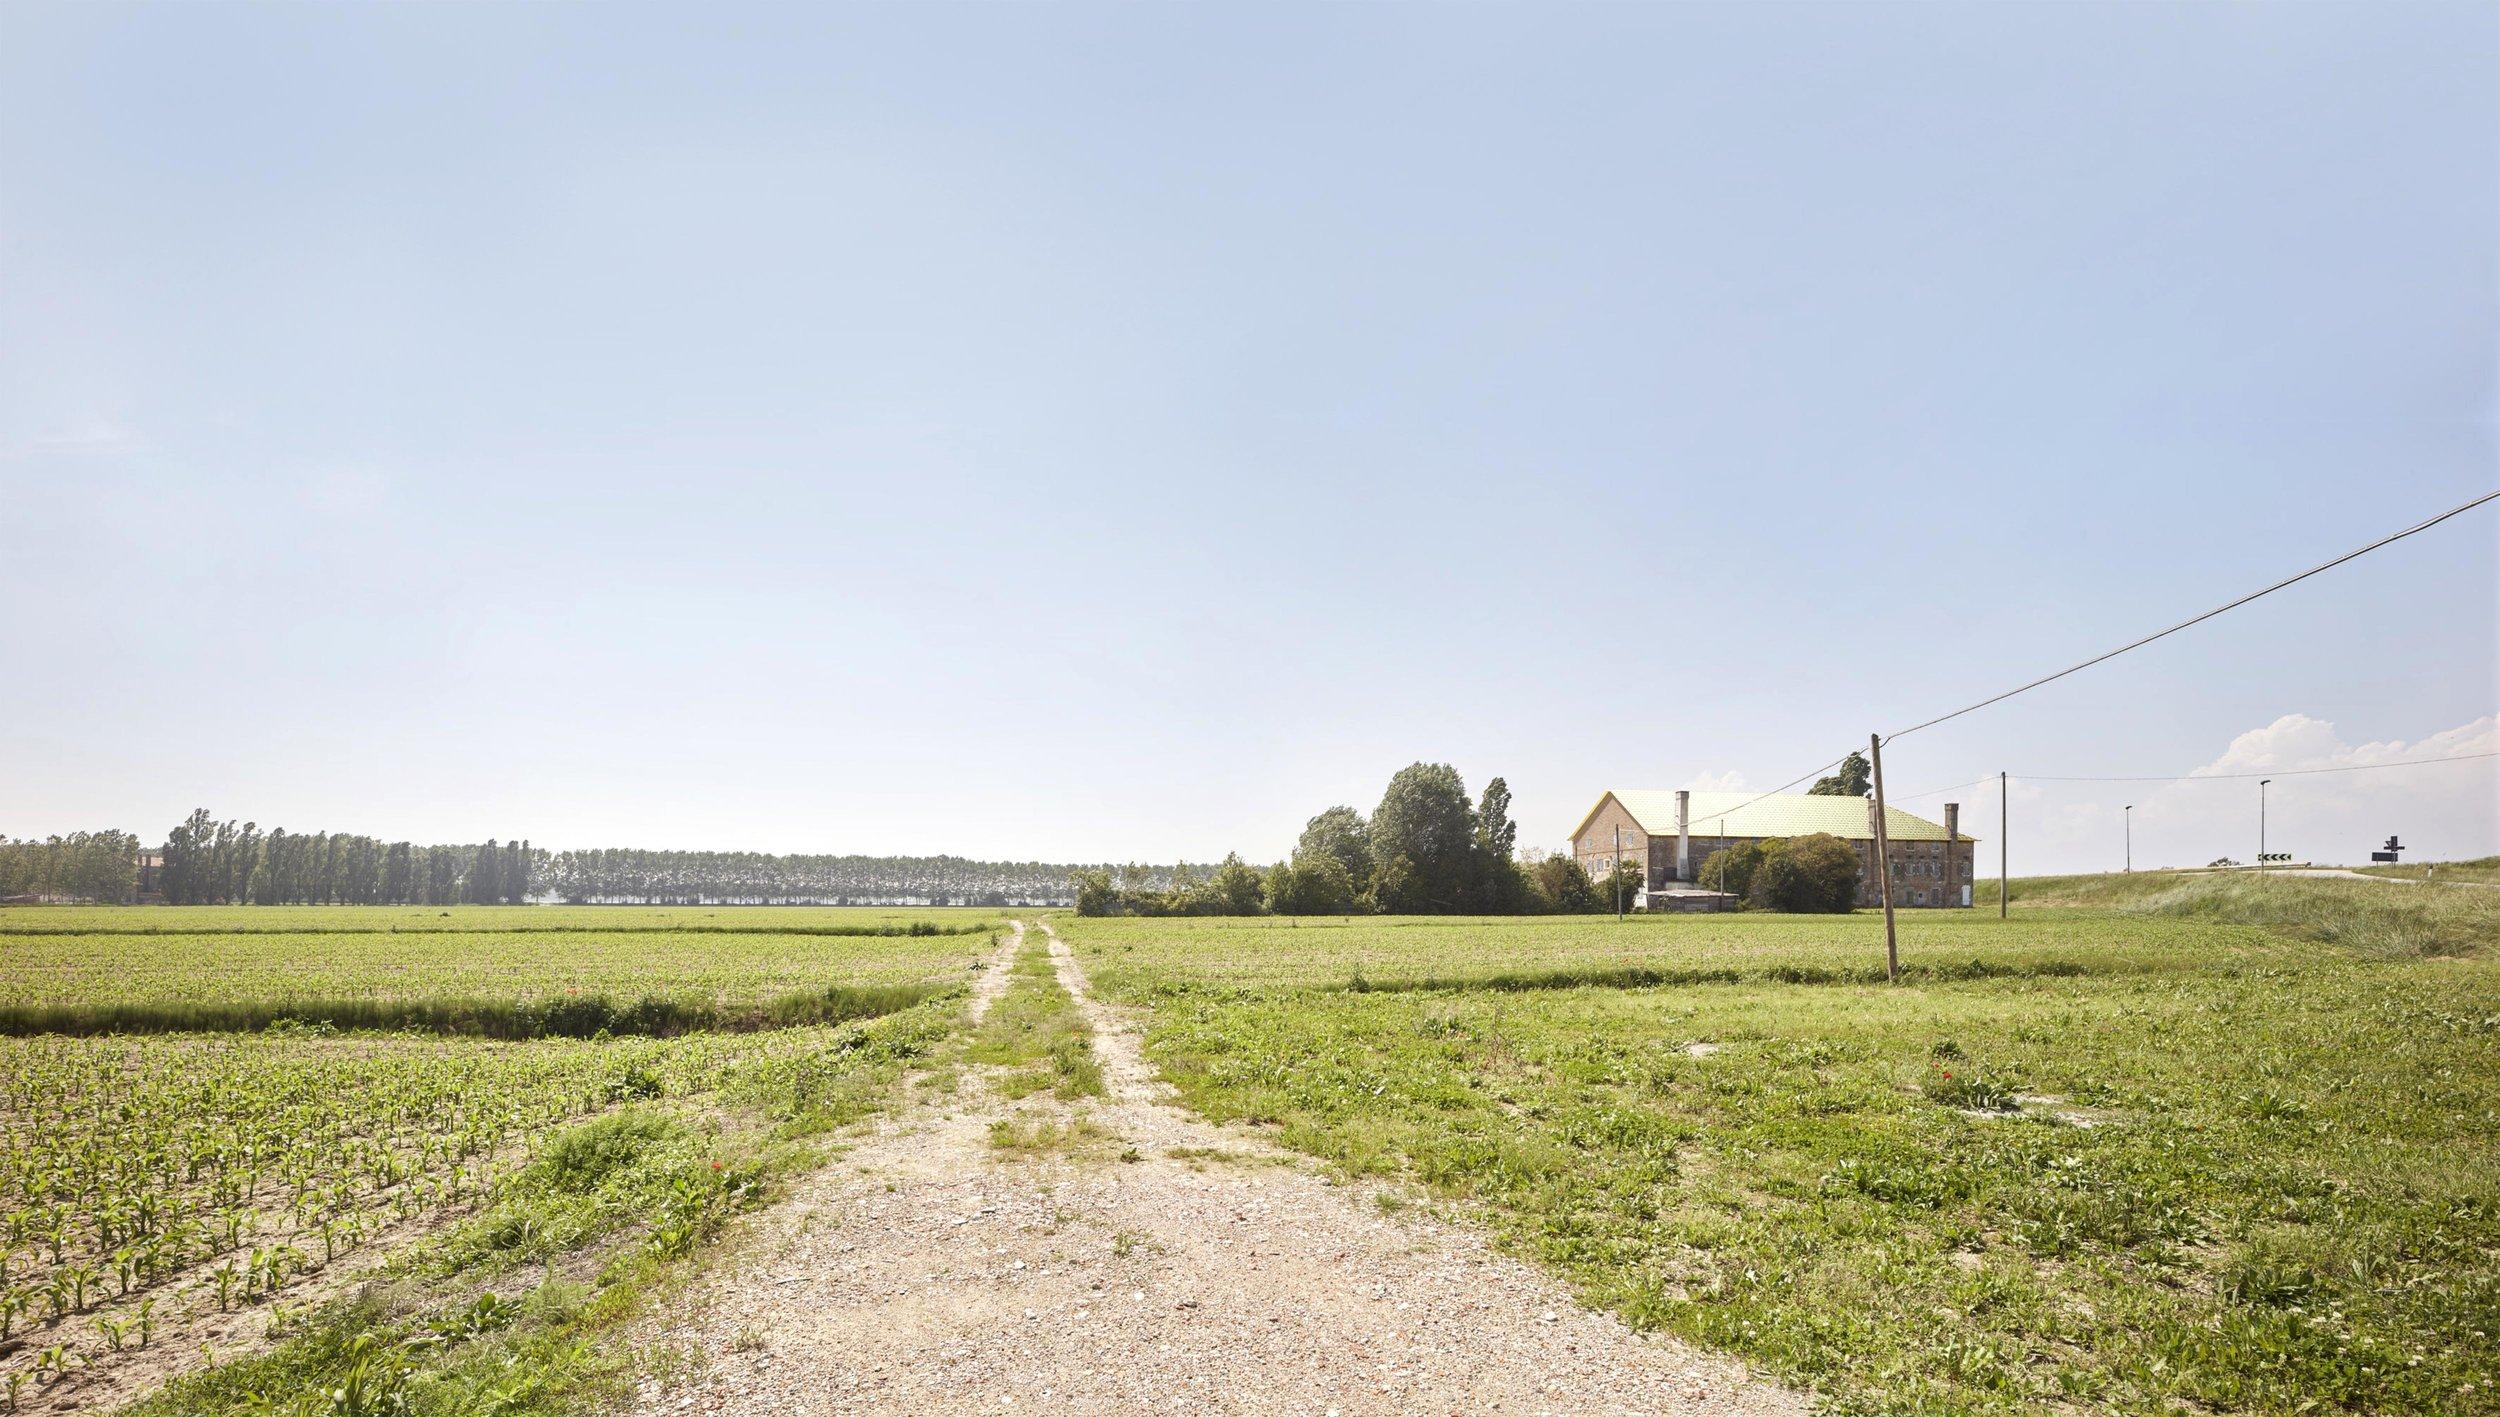 Alberto Garutti, Il grande tetto dorato rende prezioso questo antico casale. Quest'opera è dedicata alla sua storia e a coloro che passando di qui immagineranno le sue stanze vuote riempirsi nuovamente di vita , 2017.